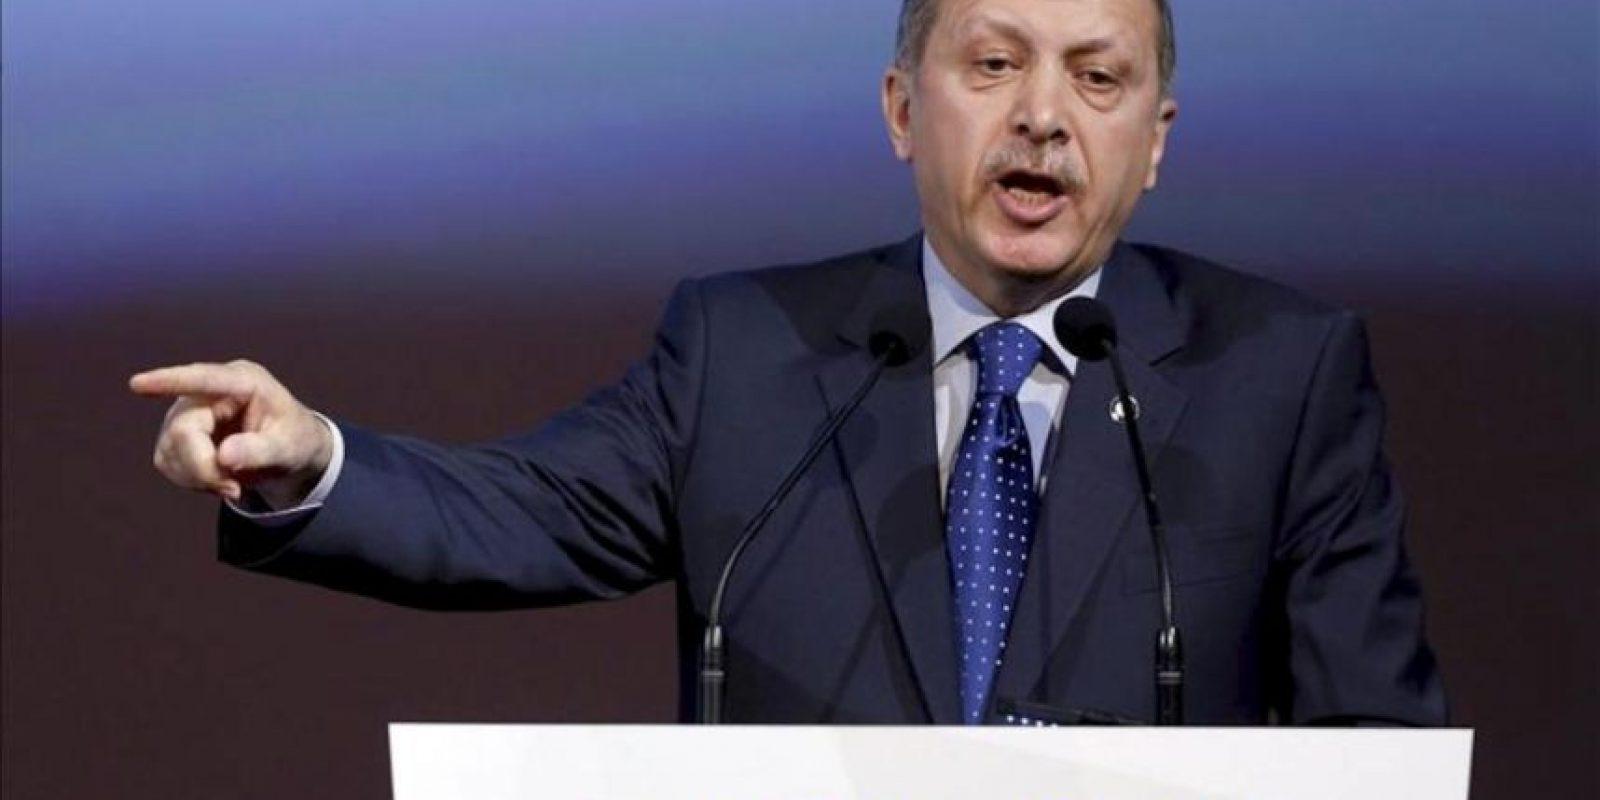 El primer ministro turco, Recep Tayyip Erdogan, durante la inauguración del V Foro de la Alianza de Civilizaciones en Viena, Austria, el 27 de febrero de 2013. EFE